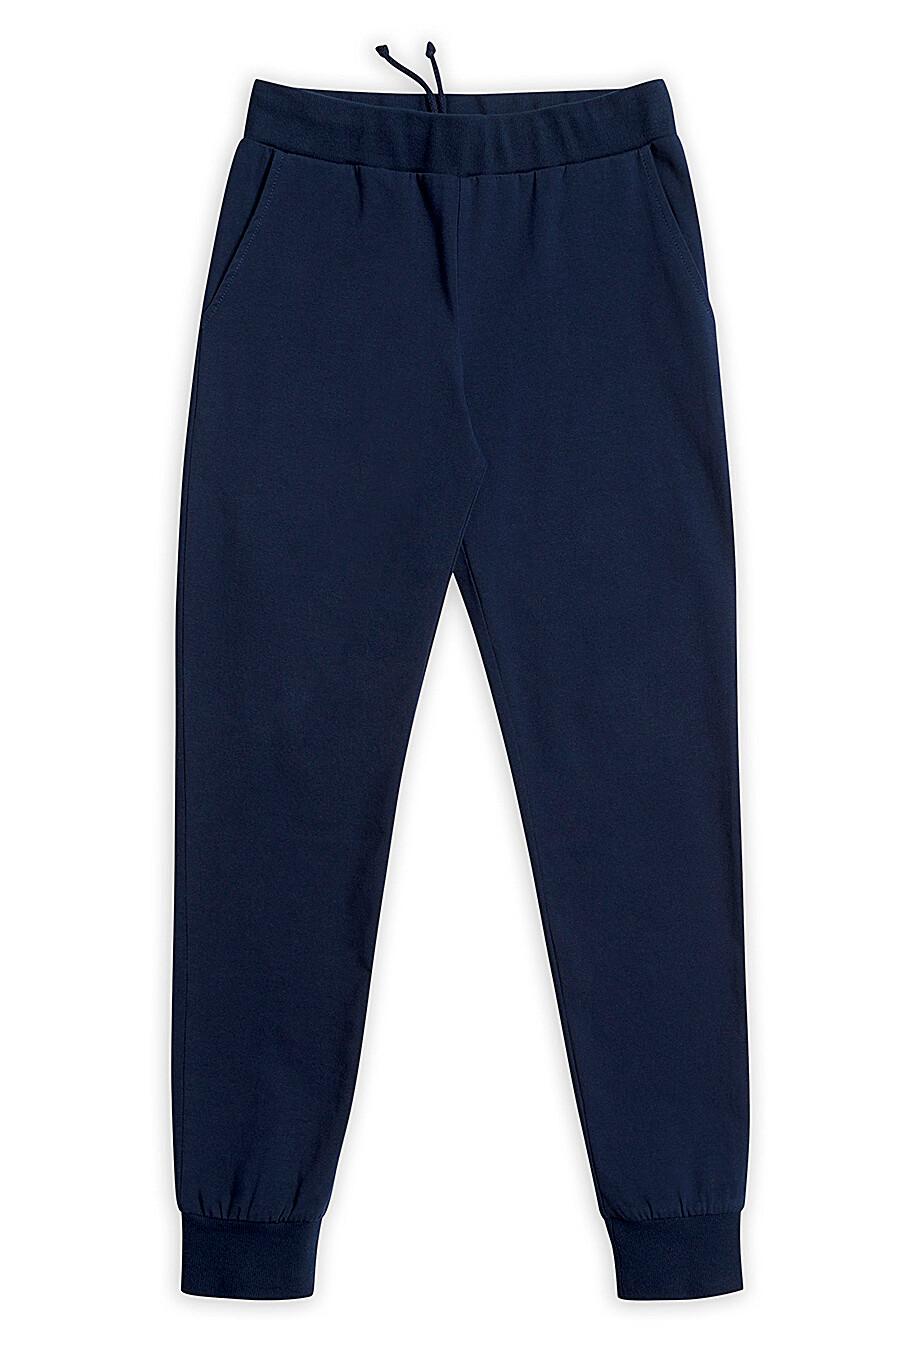 Брюки для мальчиков PELICAN 218594 купить оптом от производителя. Совместная покупка детской одежды в OptMoyo